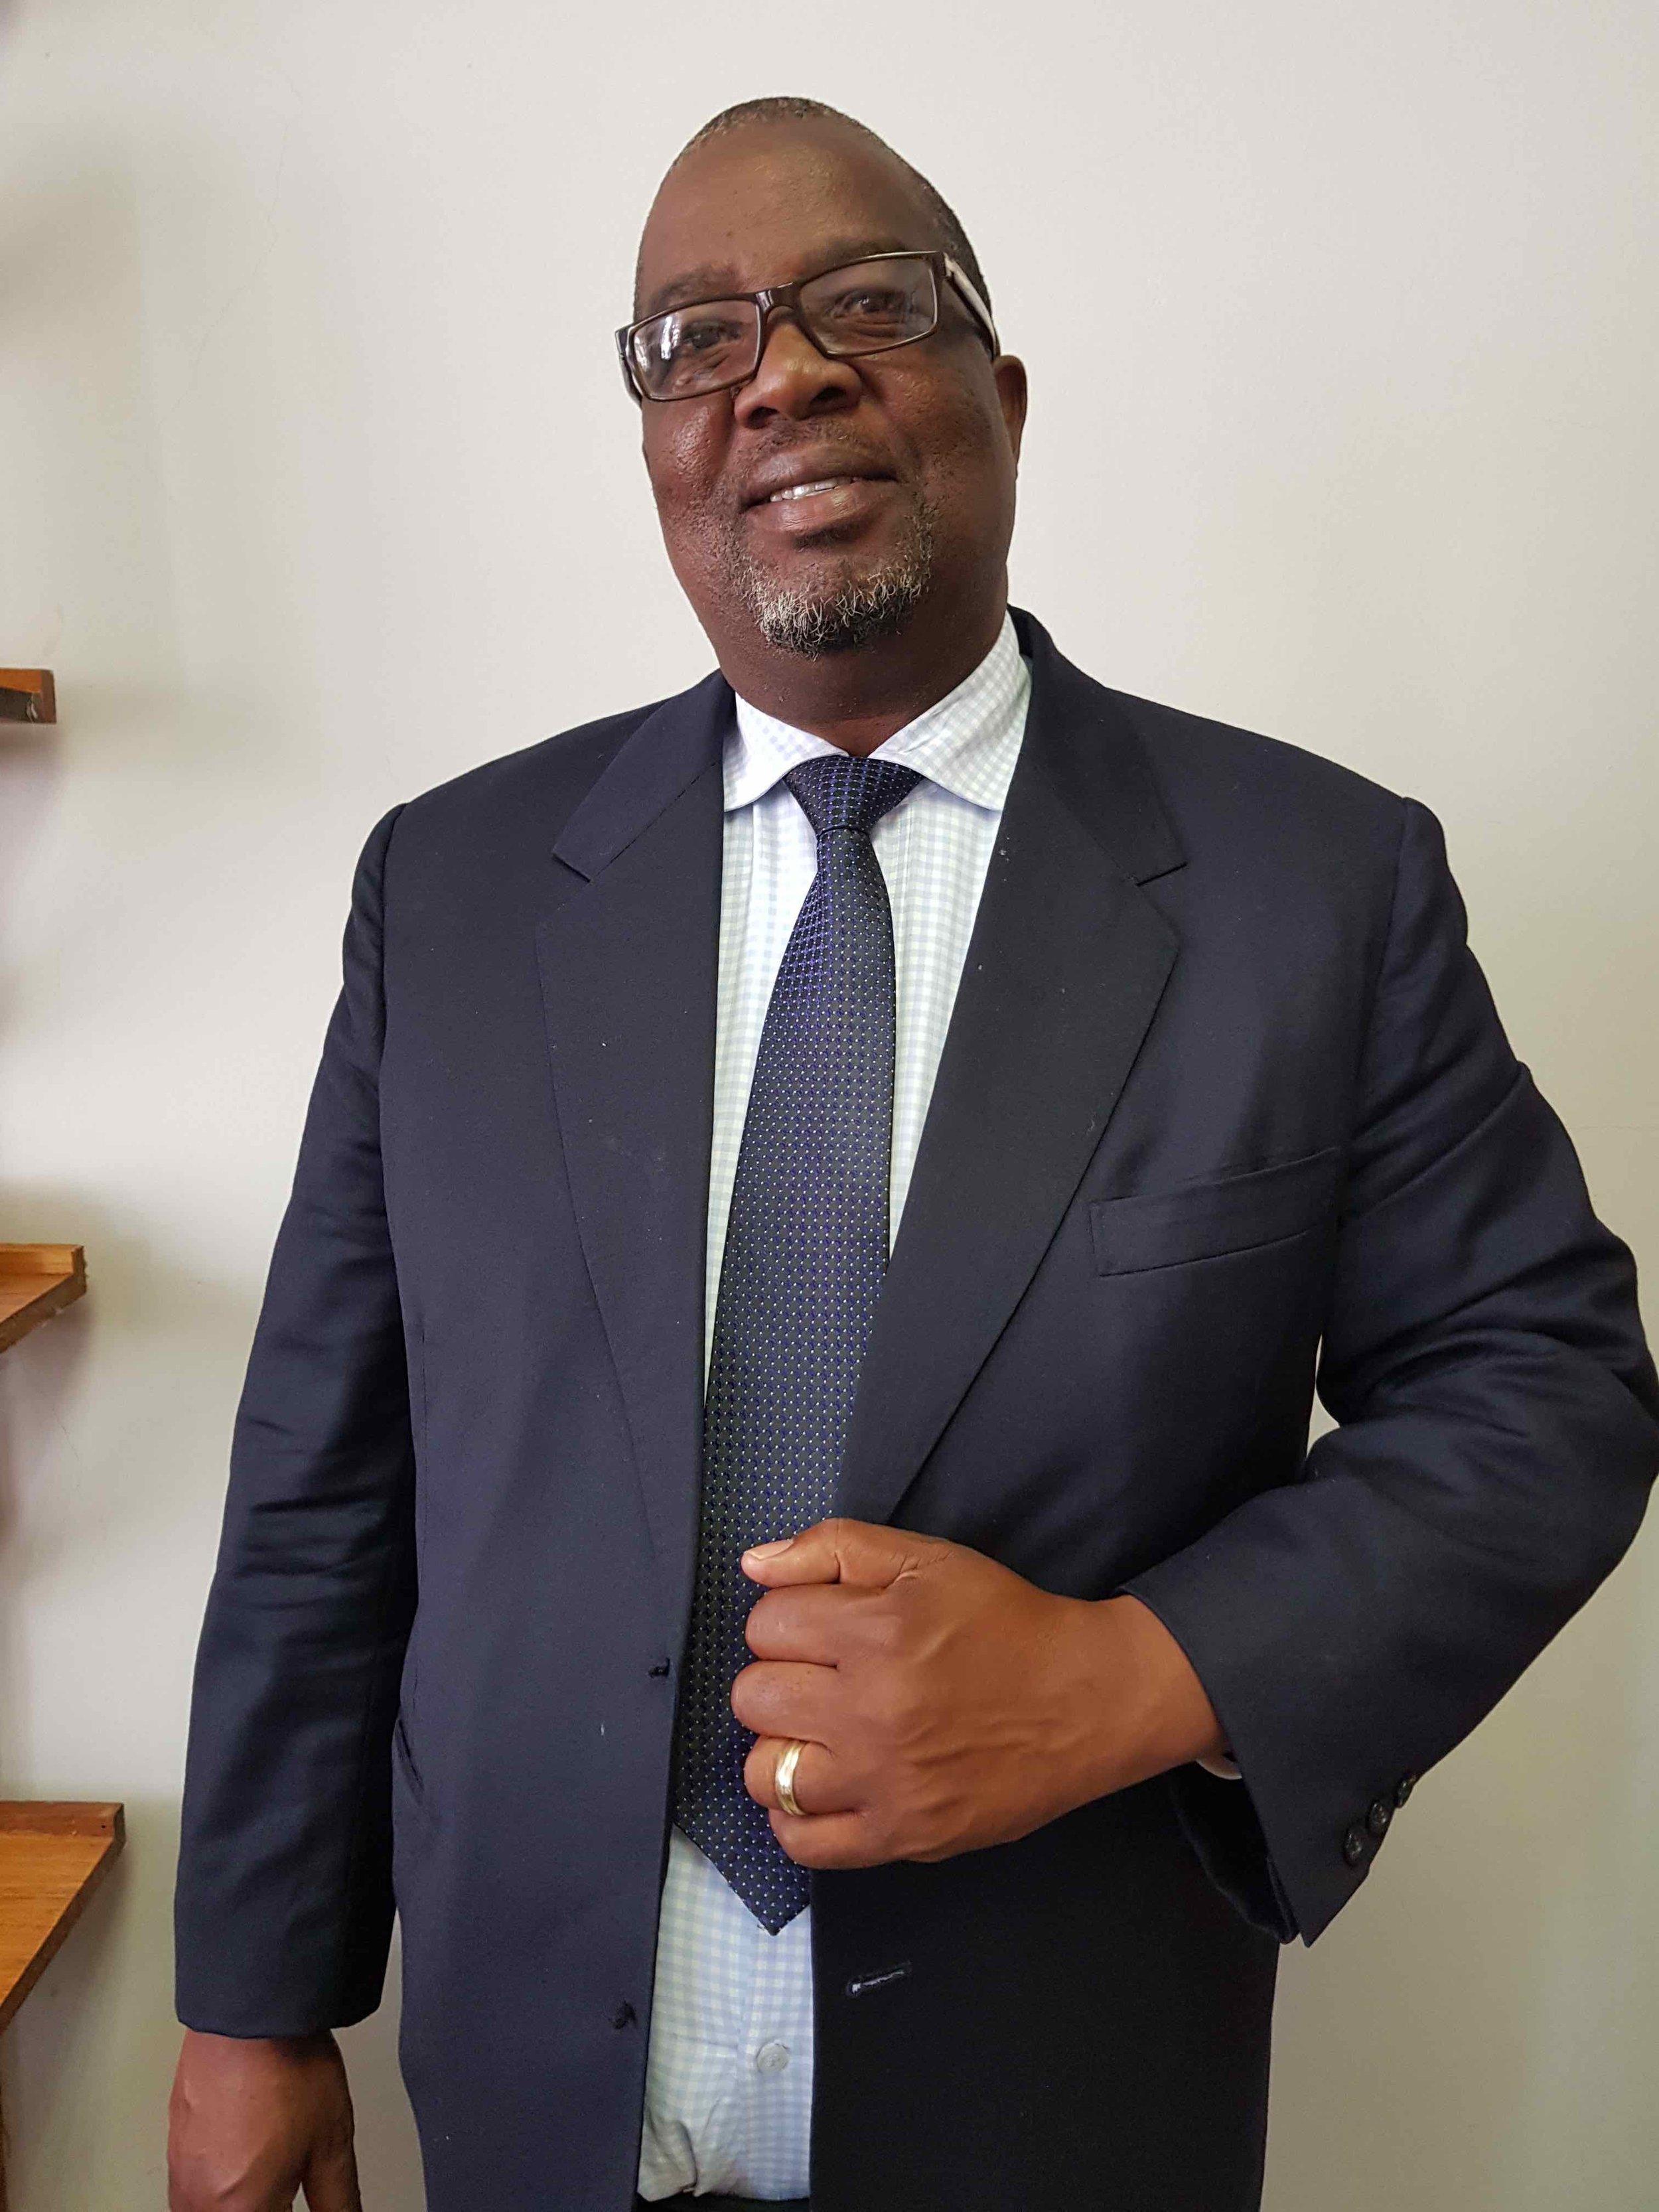 Letlhakeng Mphuthe School head Sechele -